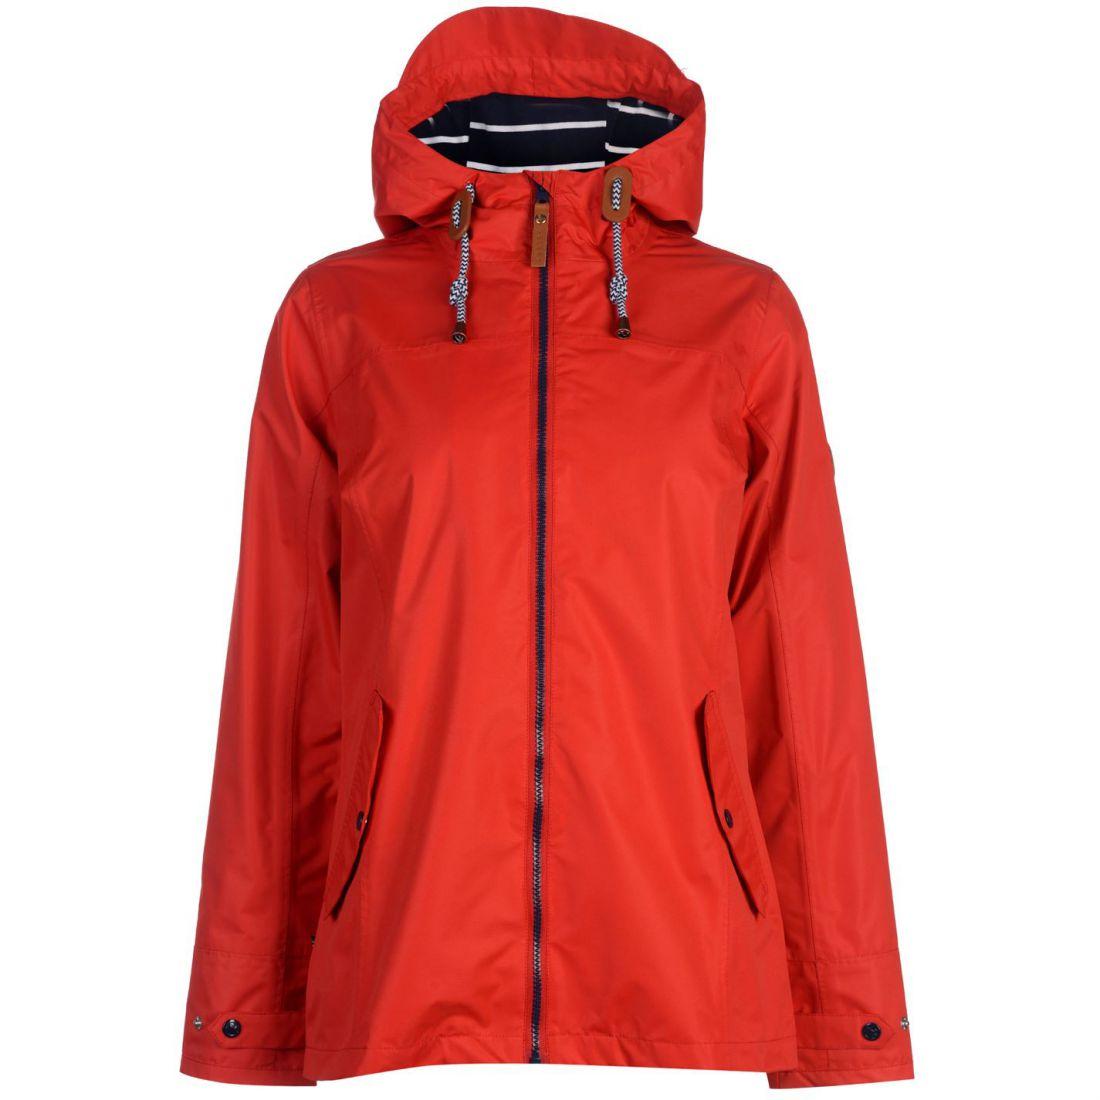 736a0c26314a Gelert Coast Water Repellent Jacket Ladies Coat Top High Neck Hooded ...